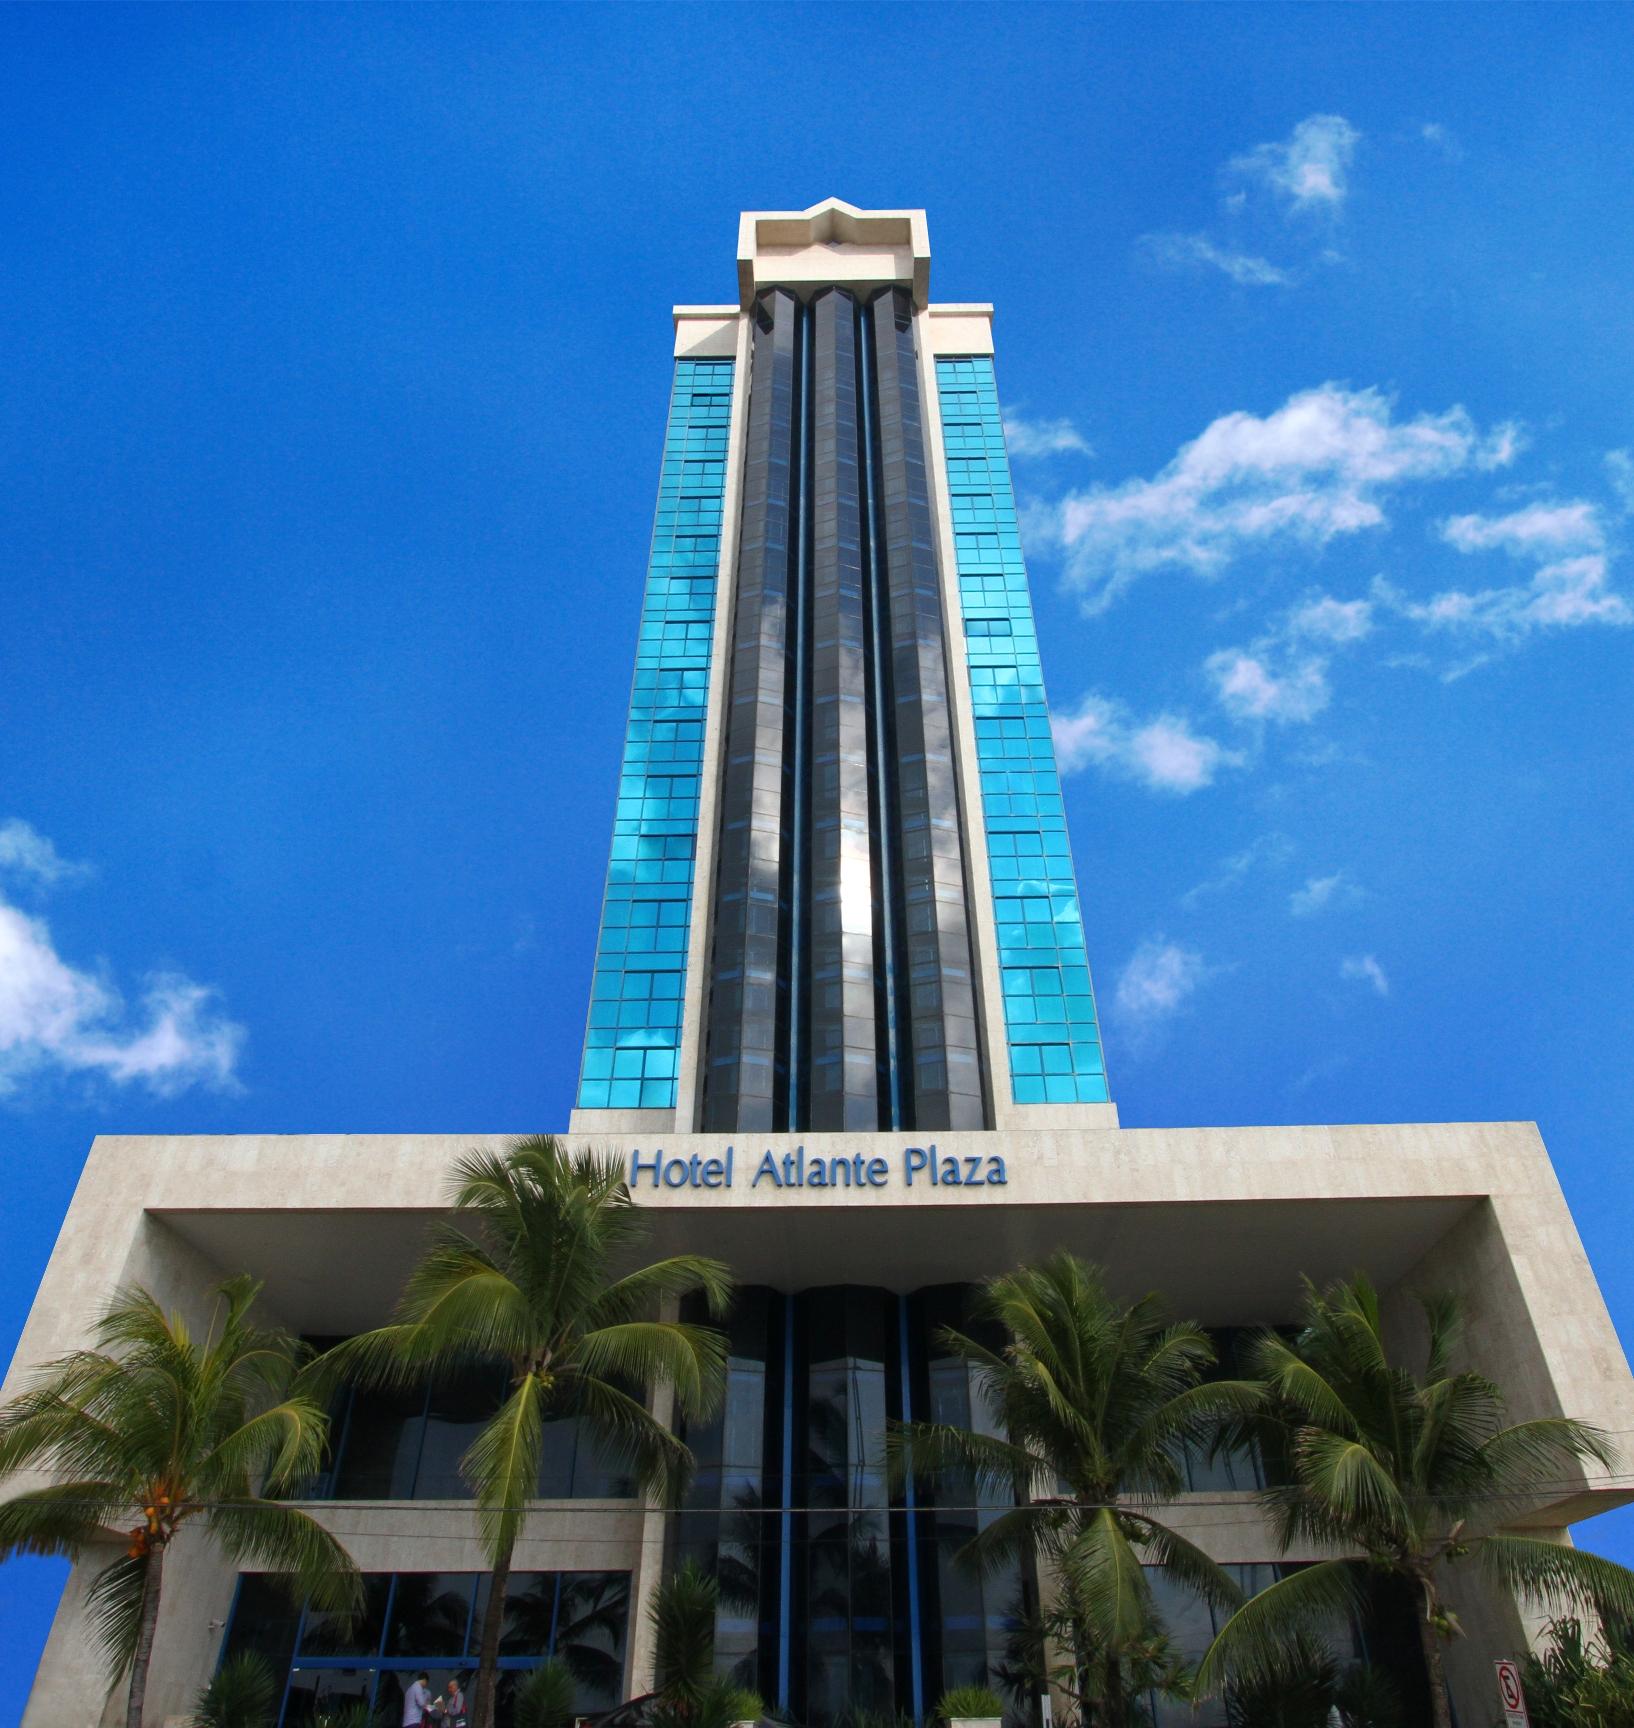 Fachada do Hotel Atlante Plaza, em Recife (PE)